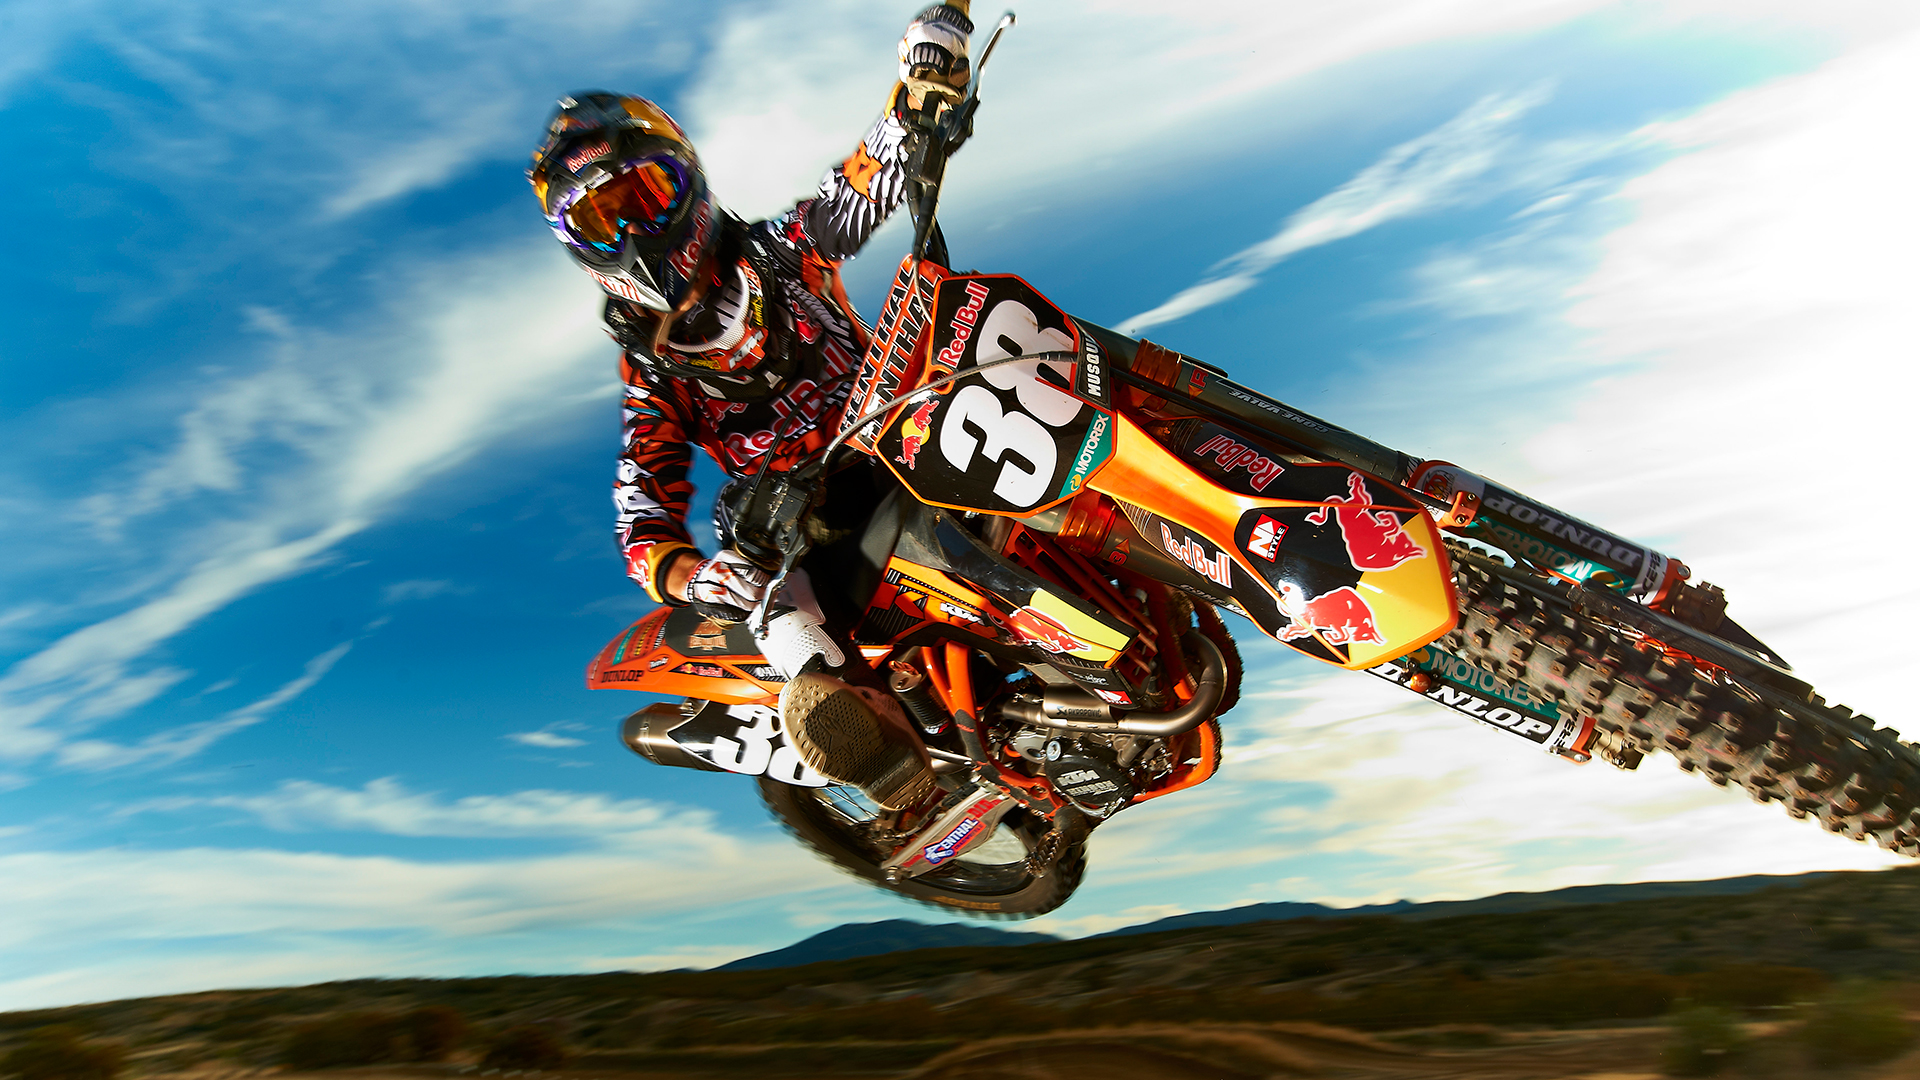 Yamaha Dirt Bikes Motocross Wallpaper Hd Hd Wallpapers 1920x1080